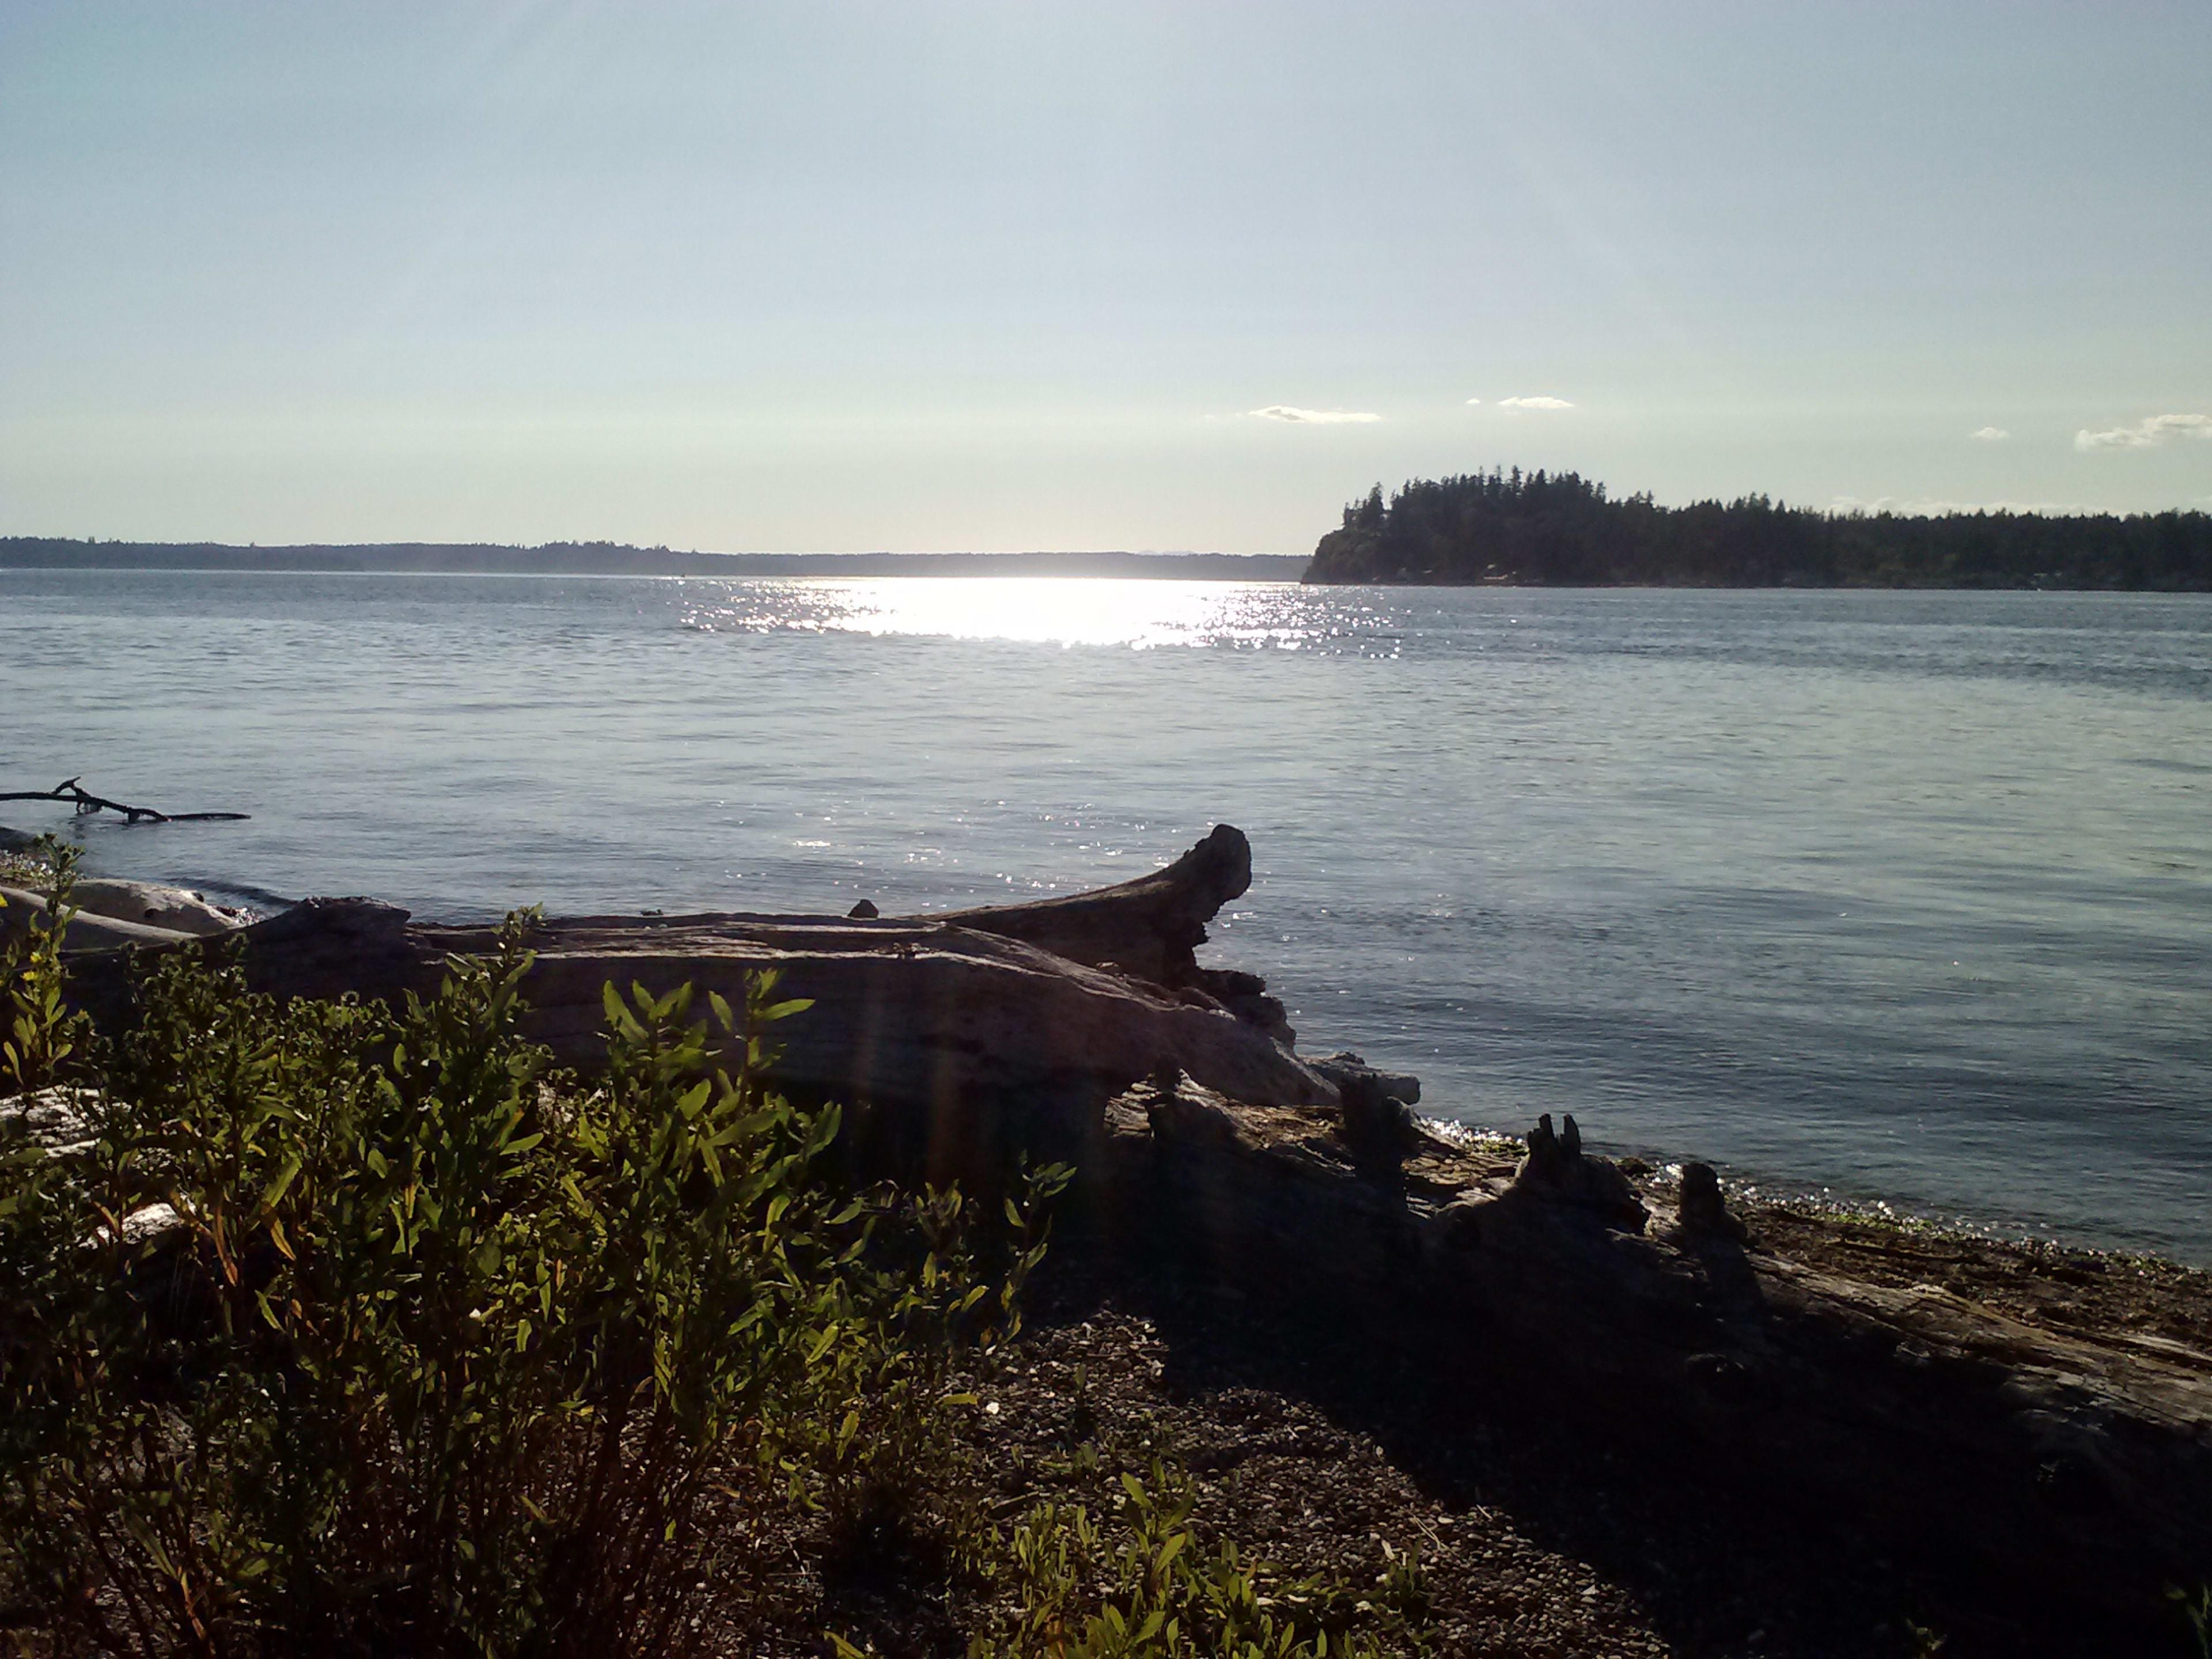 Fox Island, Washington